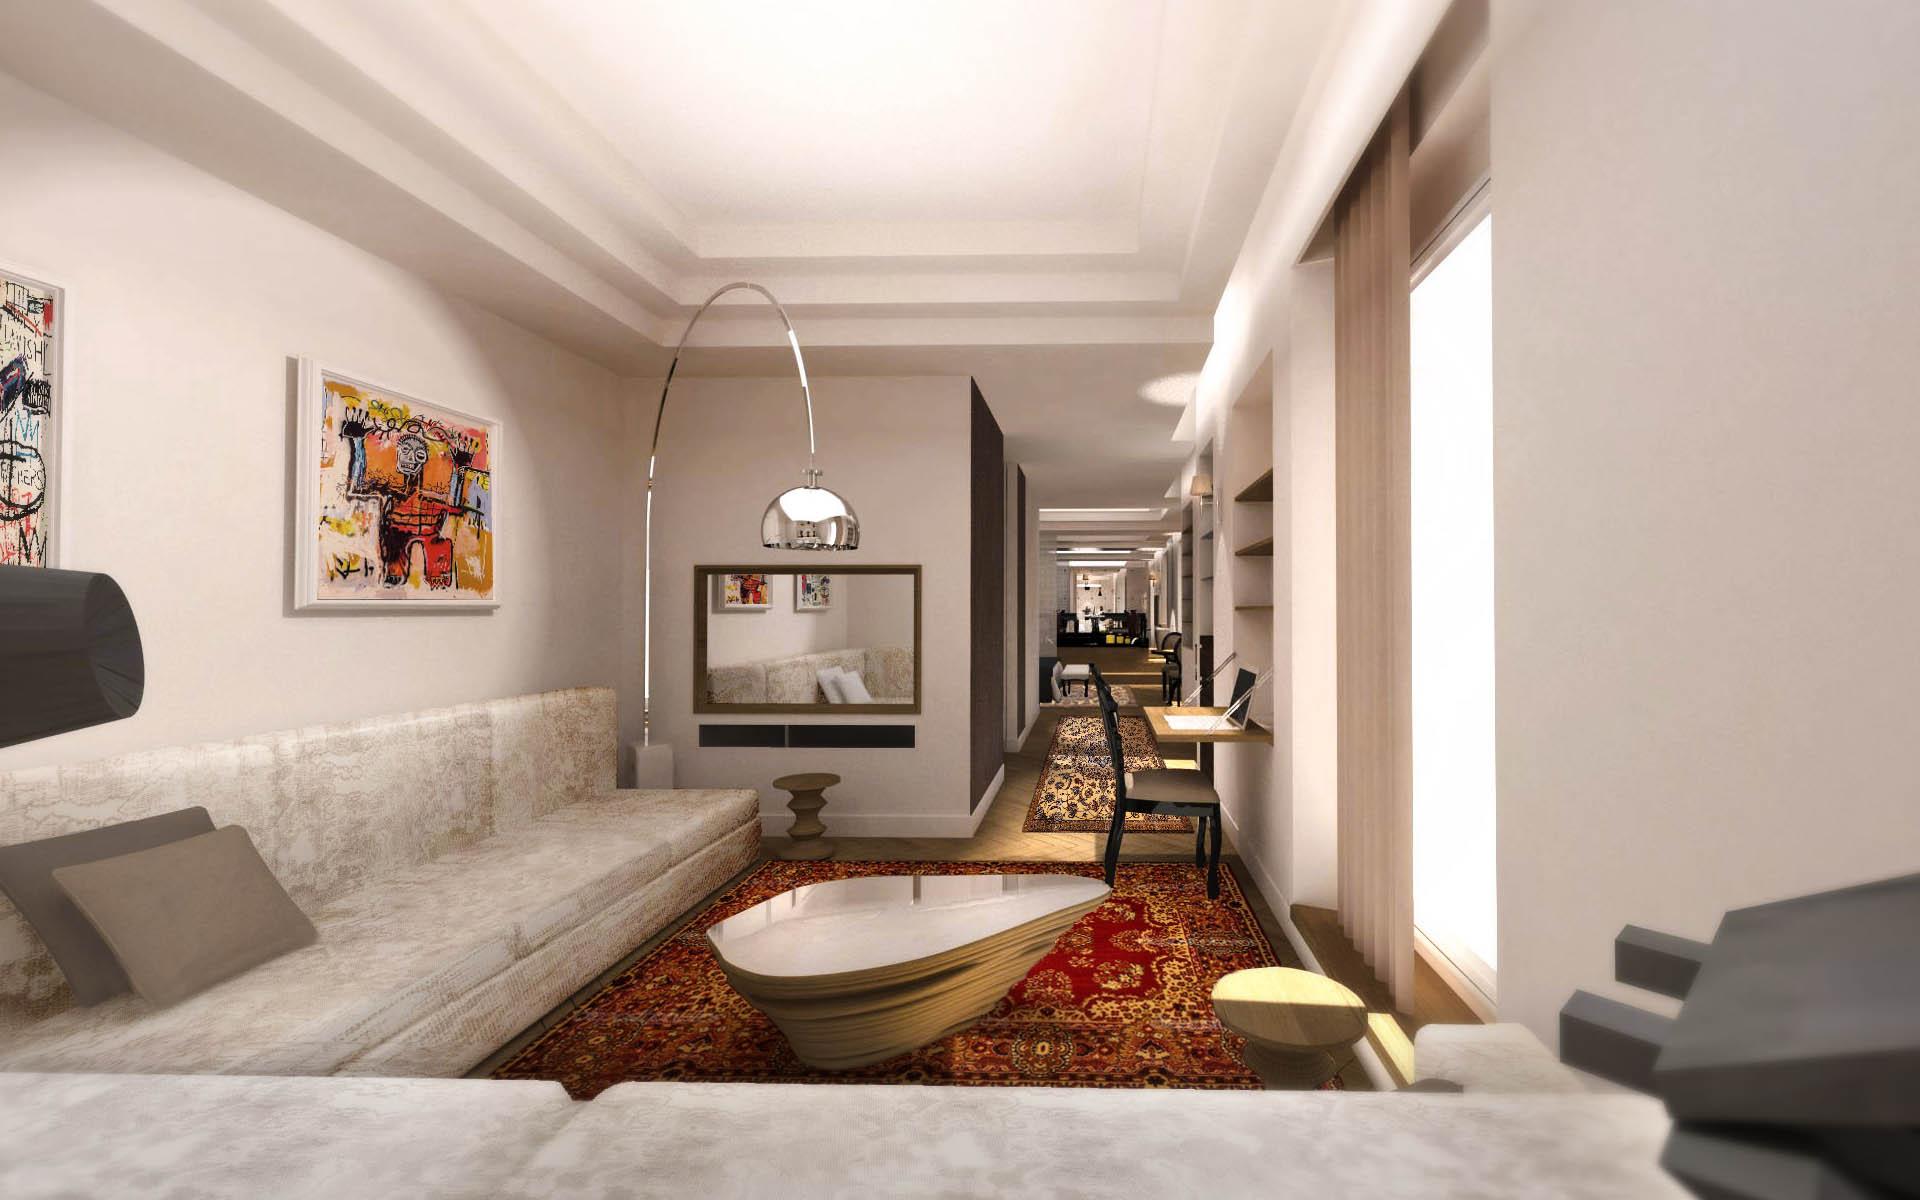 Architecte intérieur Hotel - Aix en provence 20